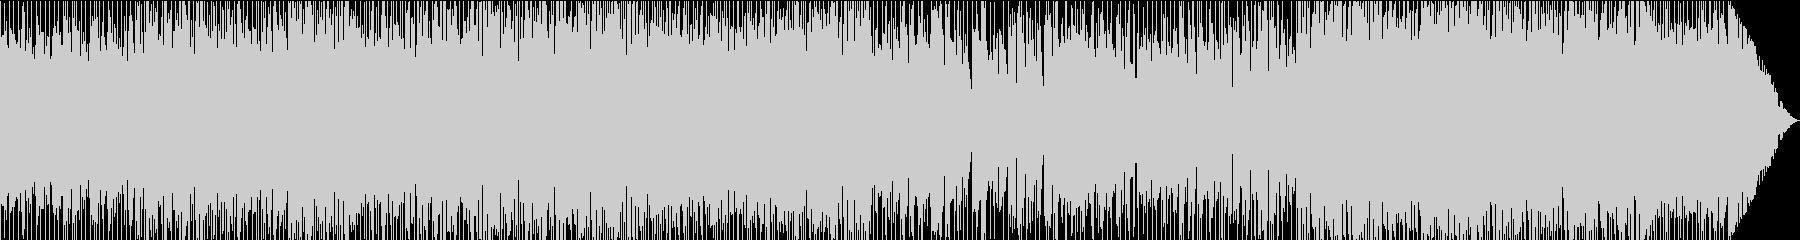 キャッチーなリフを使ったジャズの未再生の波形